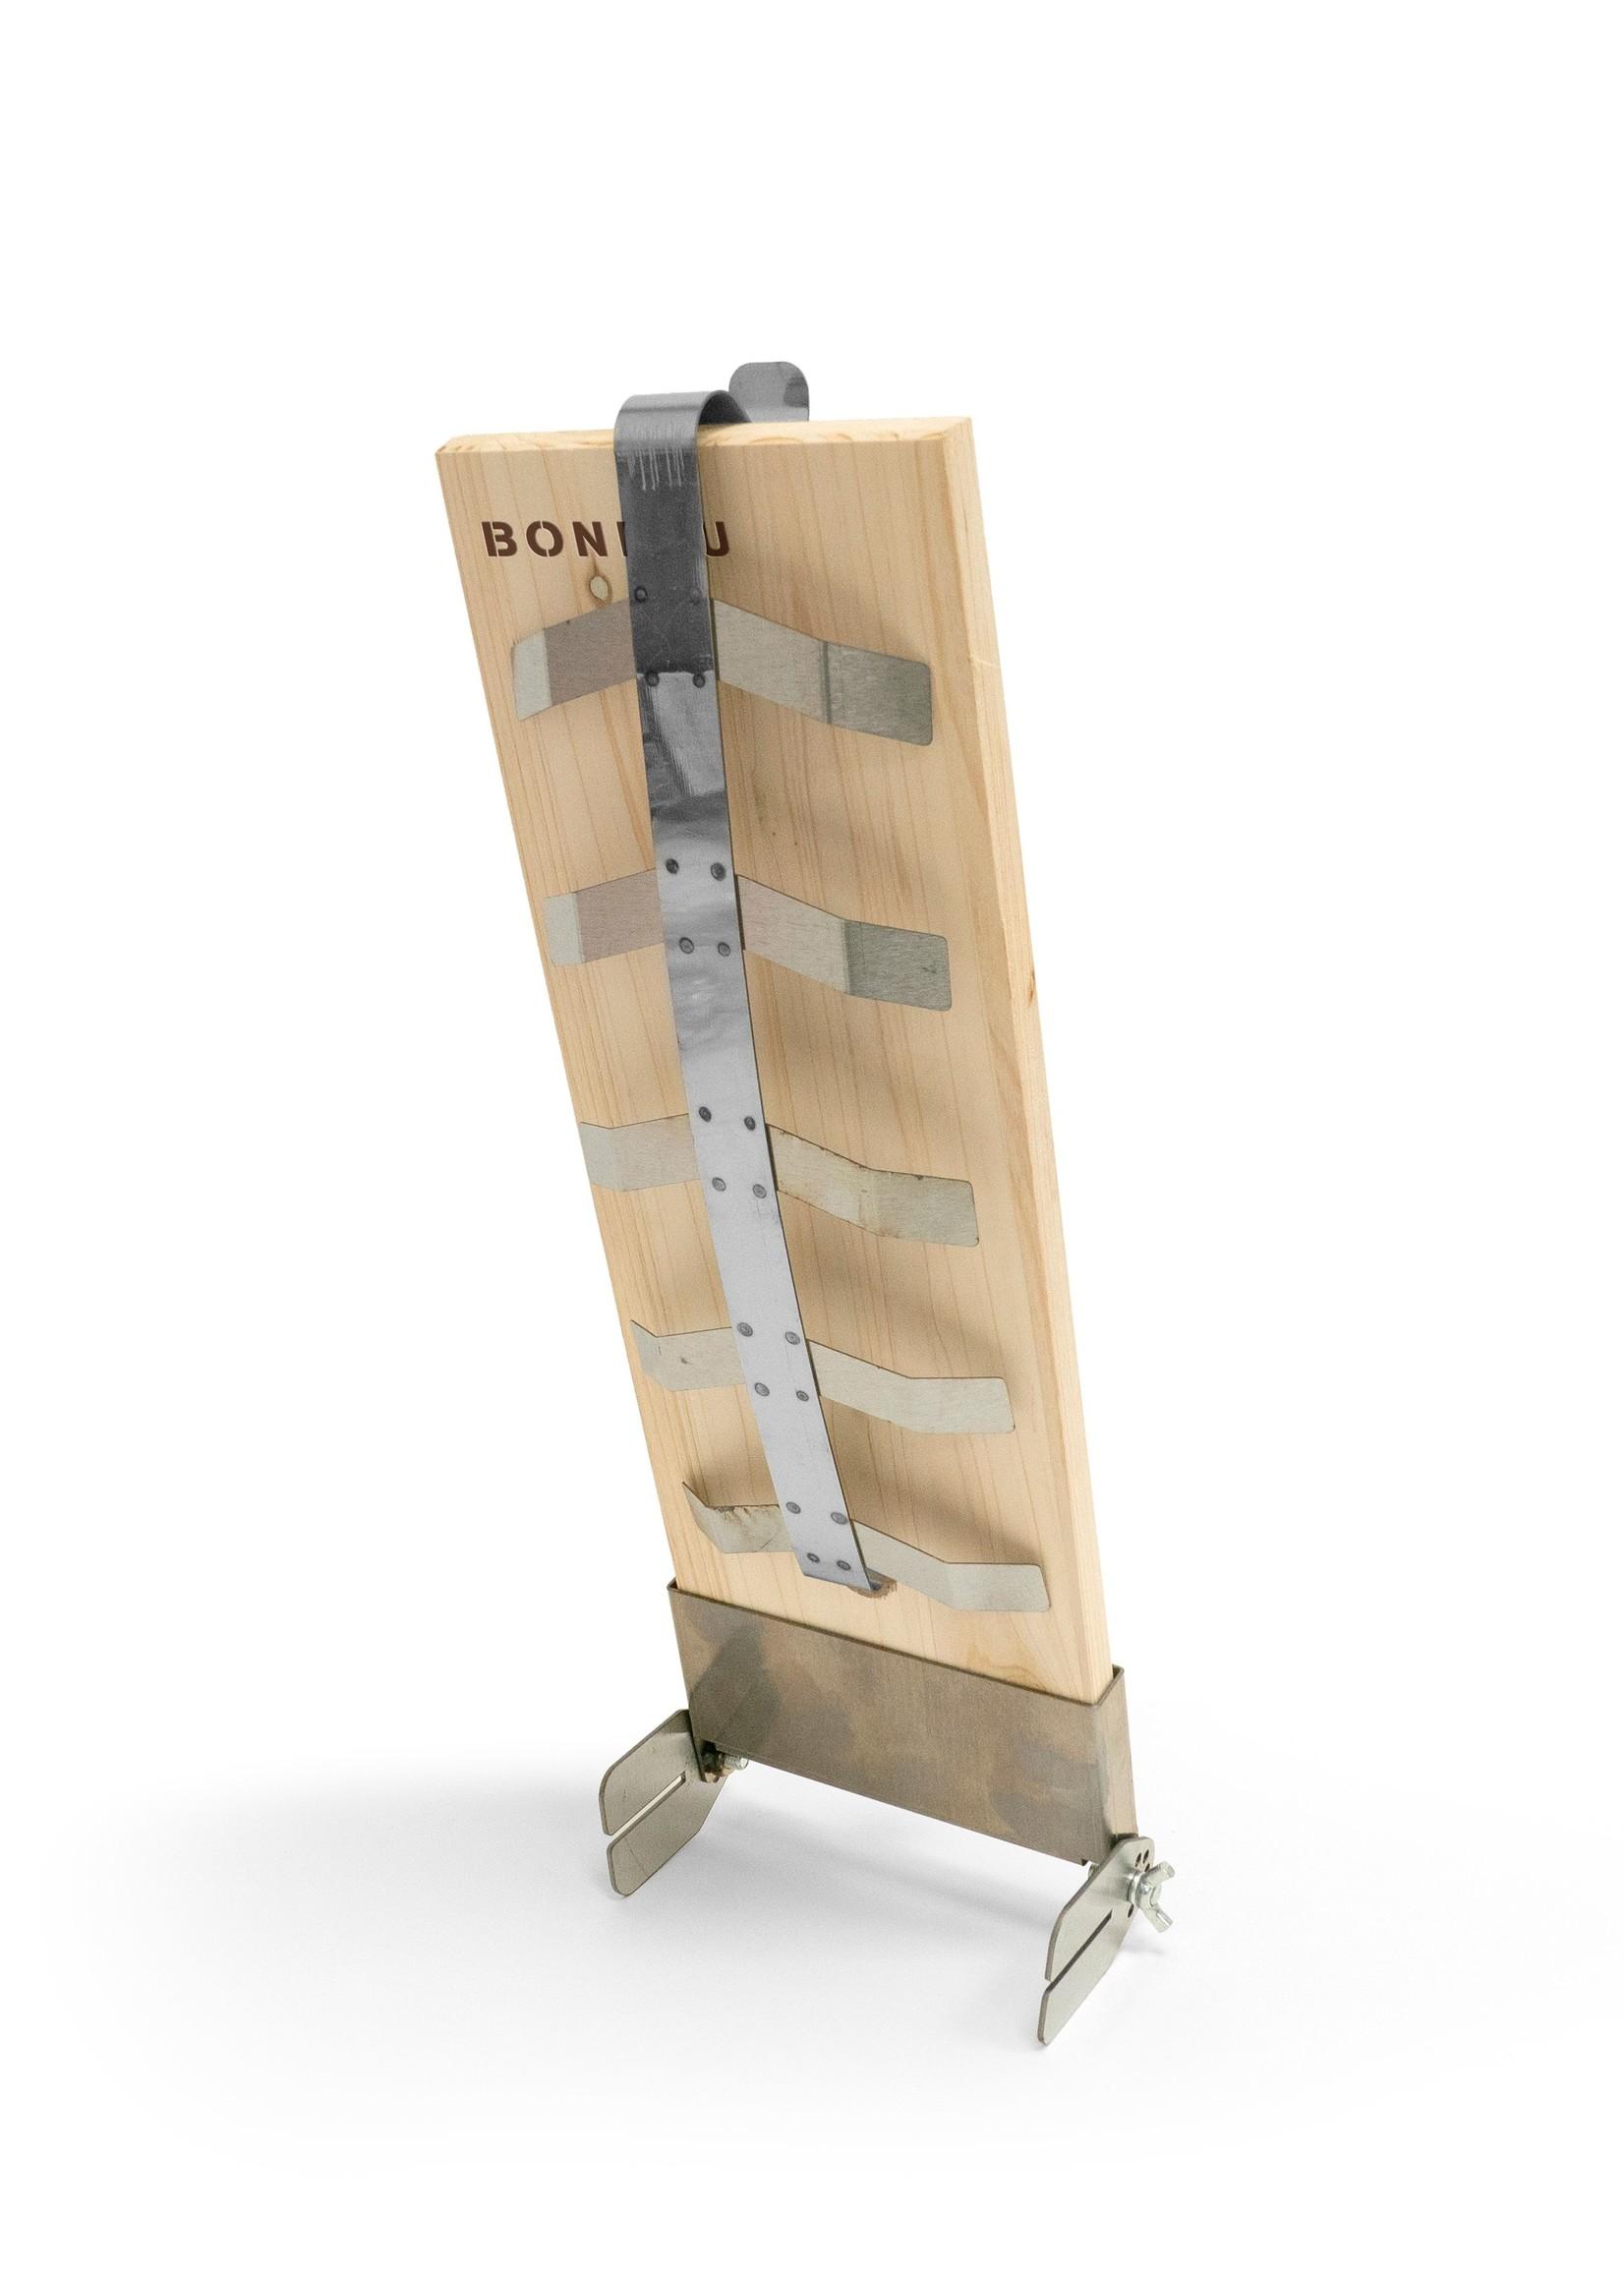 Bonfeu Broiling Board